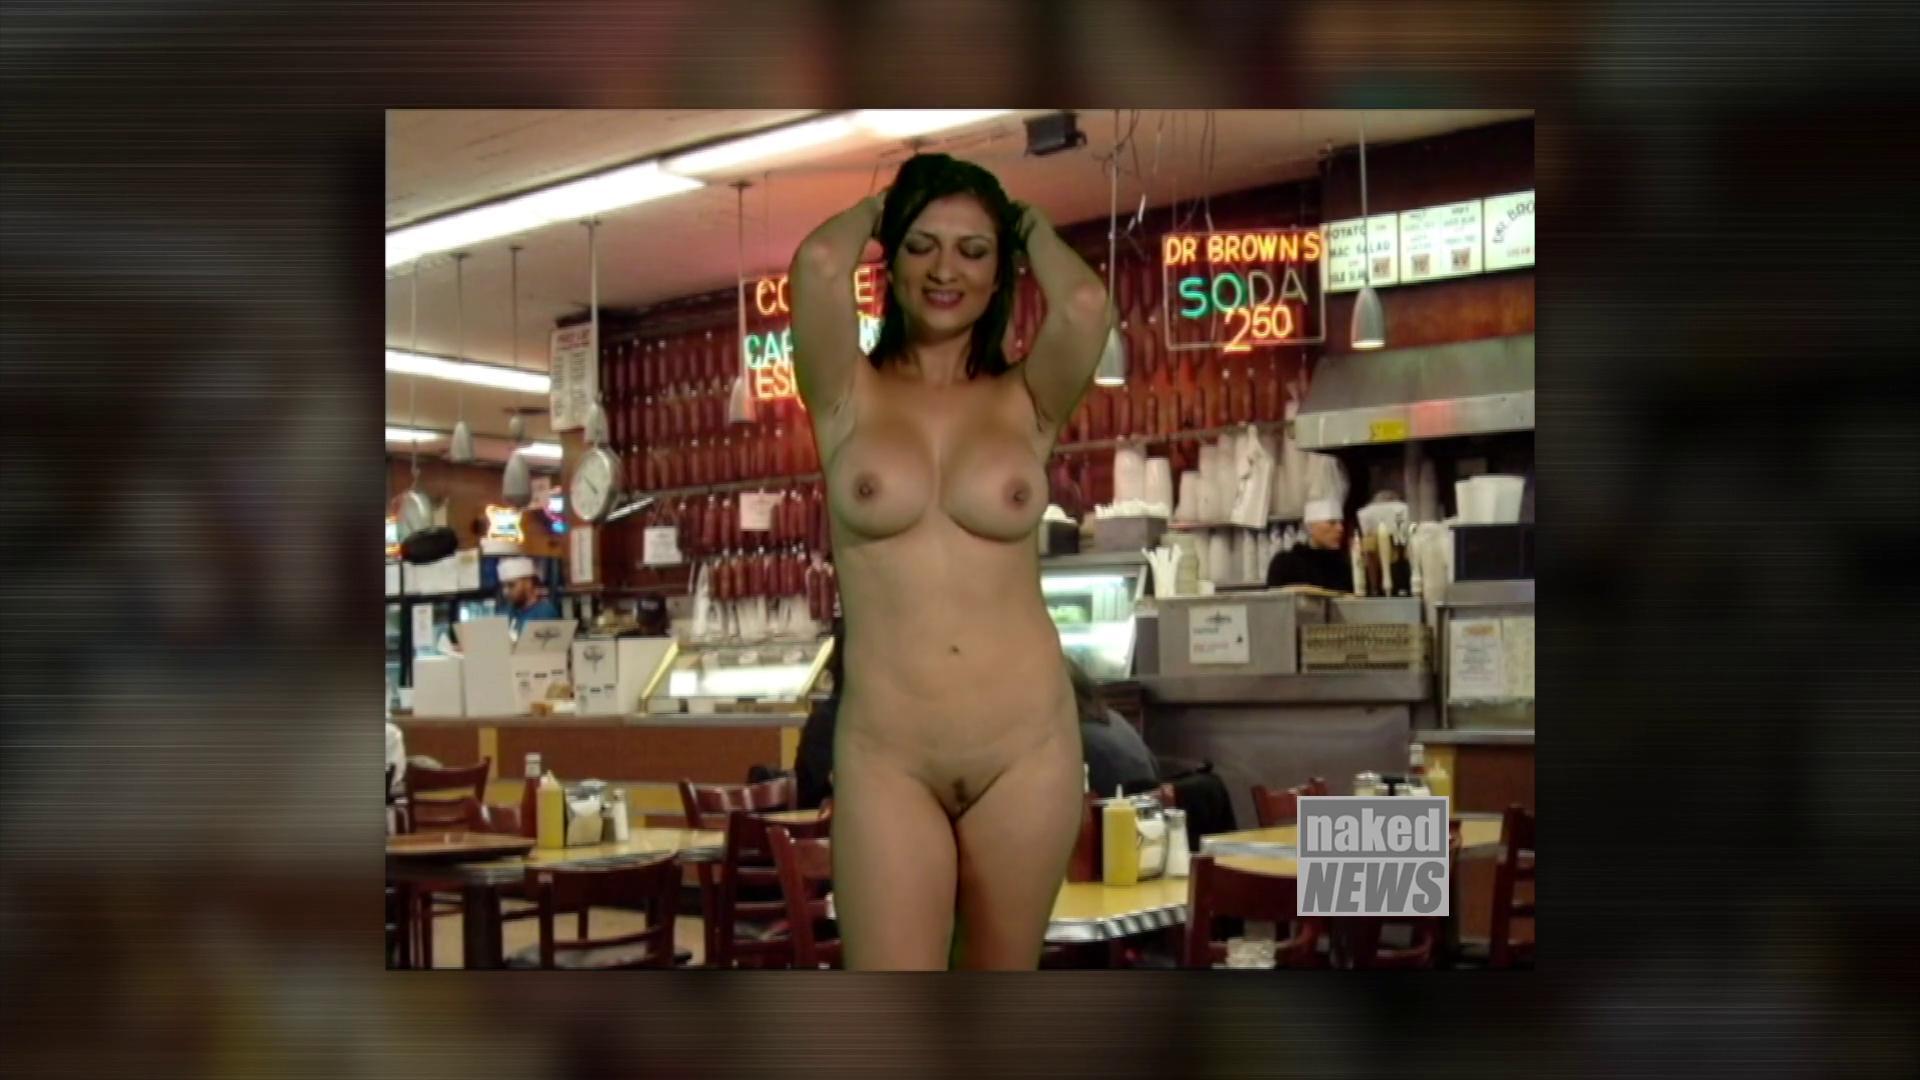 Naked news hd